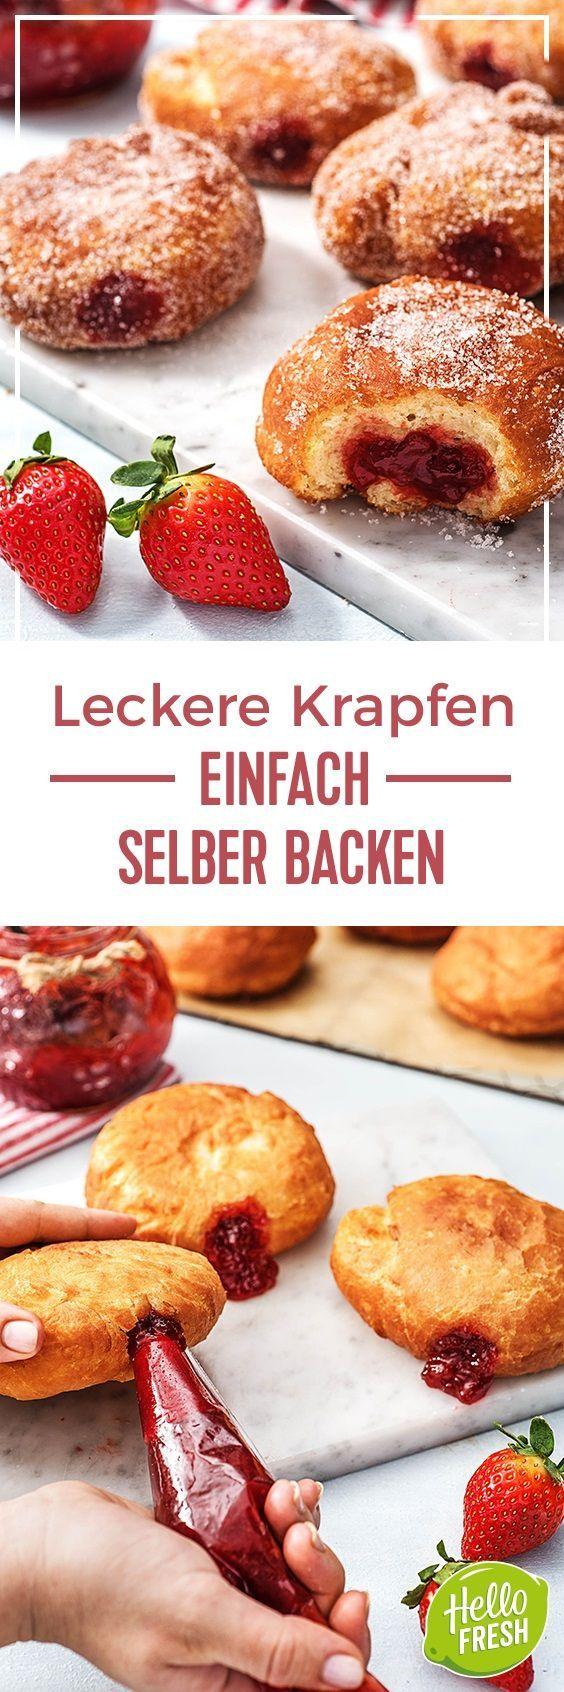 Step by Step Rezept: Krapfen selber machen   Kochen / Essen / Ernährung / Lecker / Kochbox / Zutaten / Gesund / Schnell / Frühling / Einfach / DIY / Küche / Gericht / Blog / Leicht / selber machen / backen  / berliner / marmelade / donuts / süß  #hellofreshde #kochen #essen #zubereiten #zutaten #diy #rezept #kochbox #ernährung #lecker #gesund #leicht #schnell #frühling #einfach #küche #gericht #trend #blog #selbermachen #backen #krapfen #berliner #donuts #karneval #süß